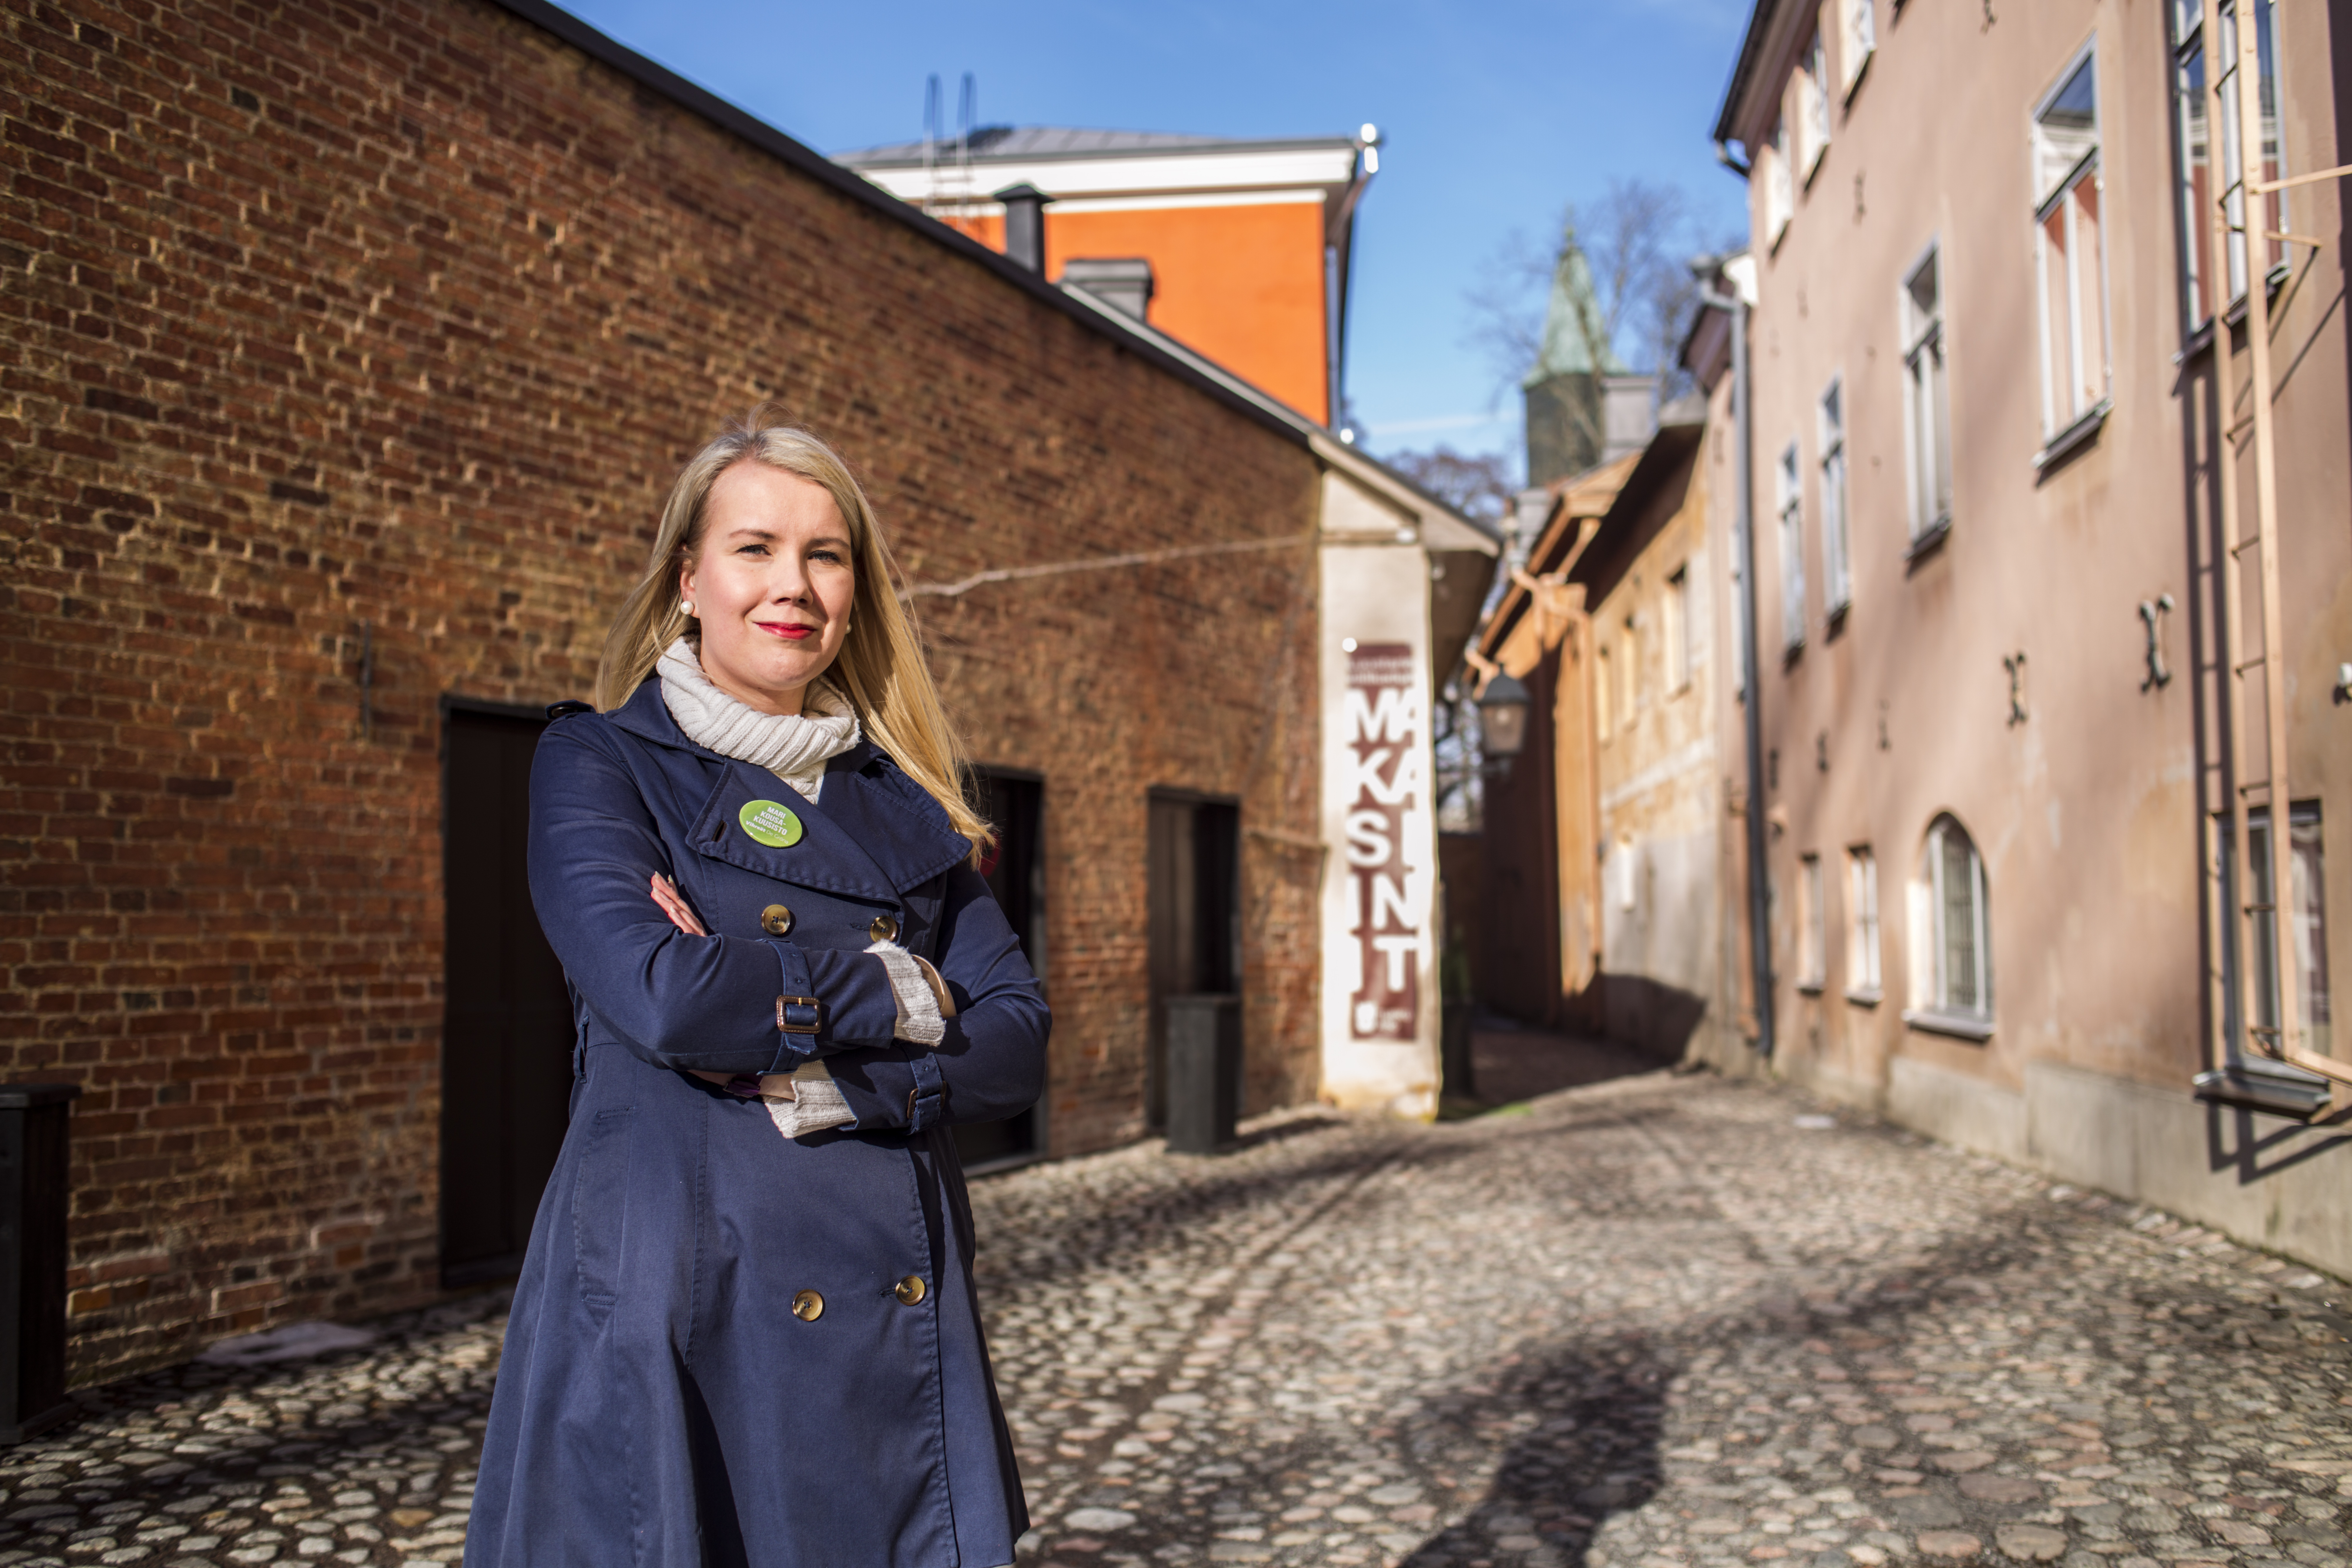 Mari Kousa-Kuusiston kuva